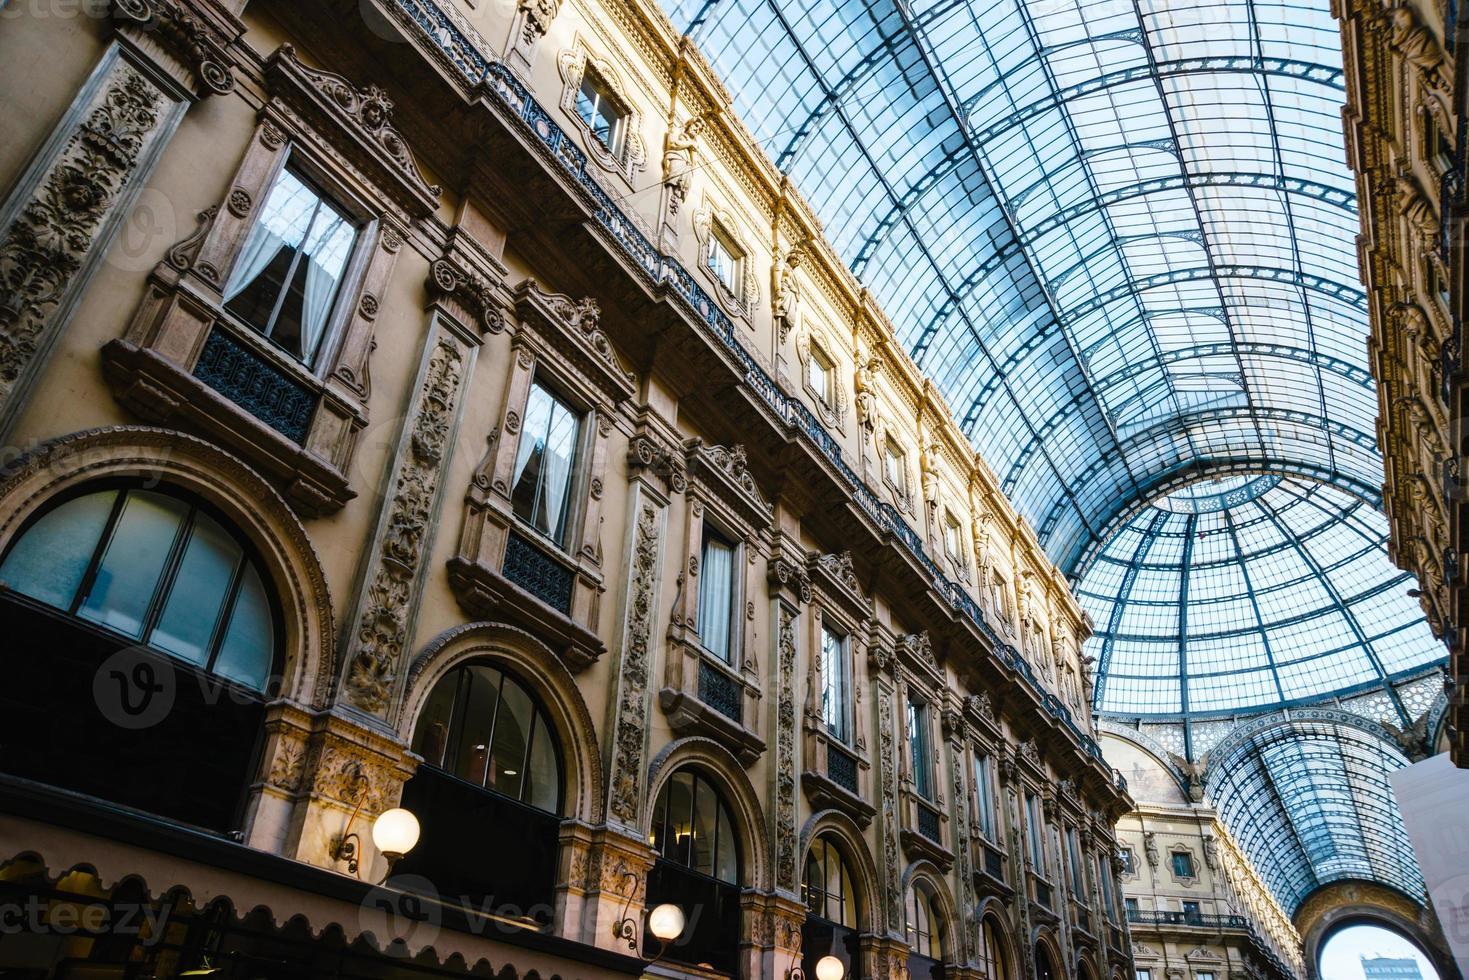 vittorio emanuele ii galerij op de Piazza del Duomo in Milaan. foto